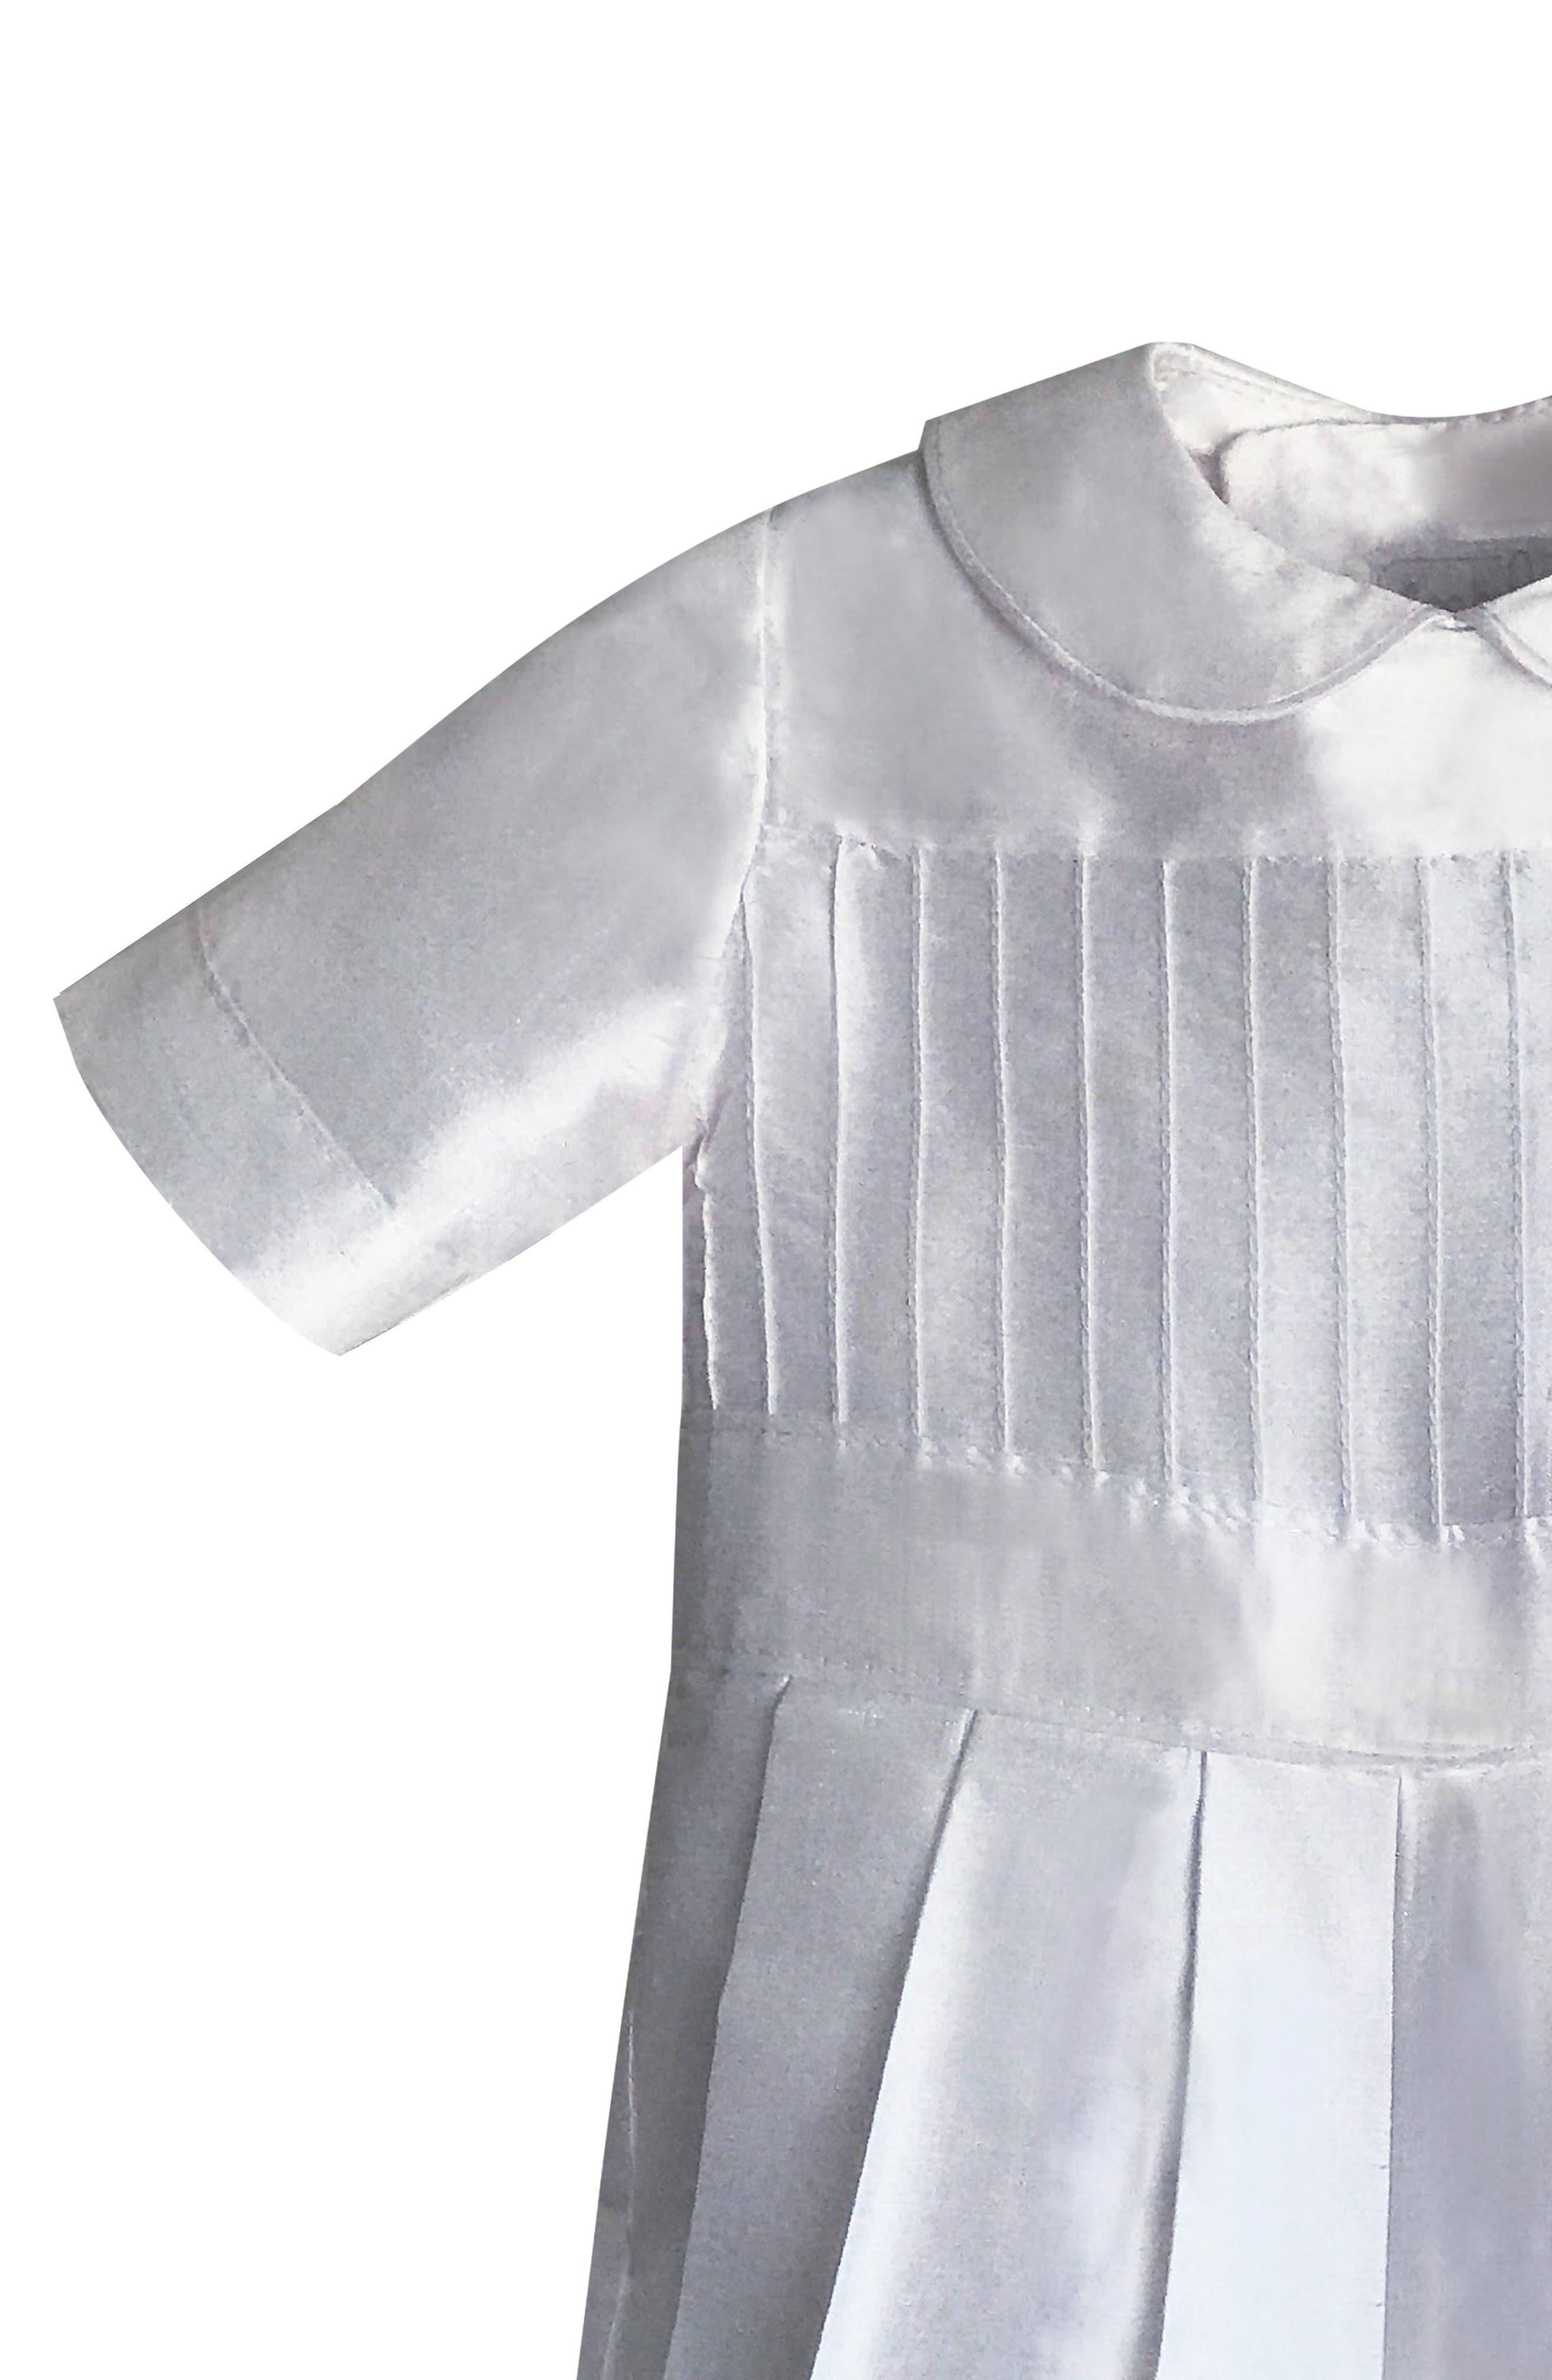 Tucked Silk Romper & Bonnet,                             Alternate thumbnail 4, color,                             White